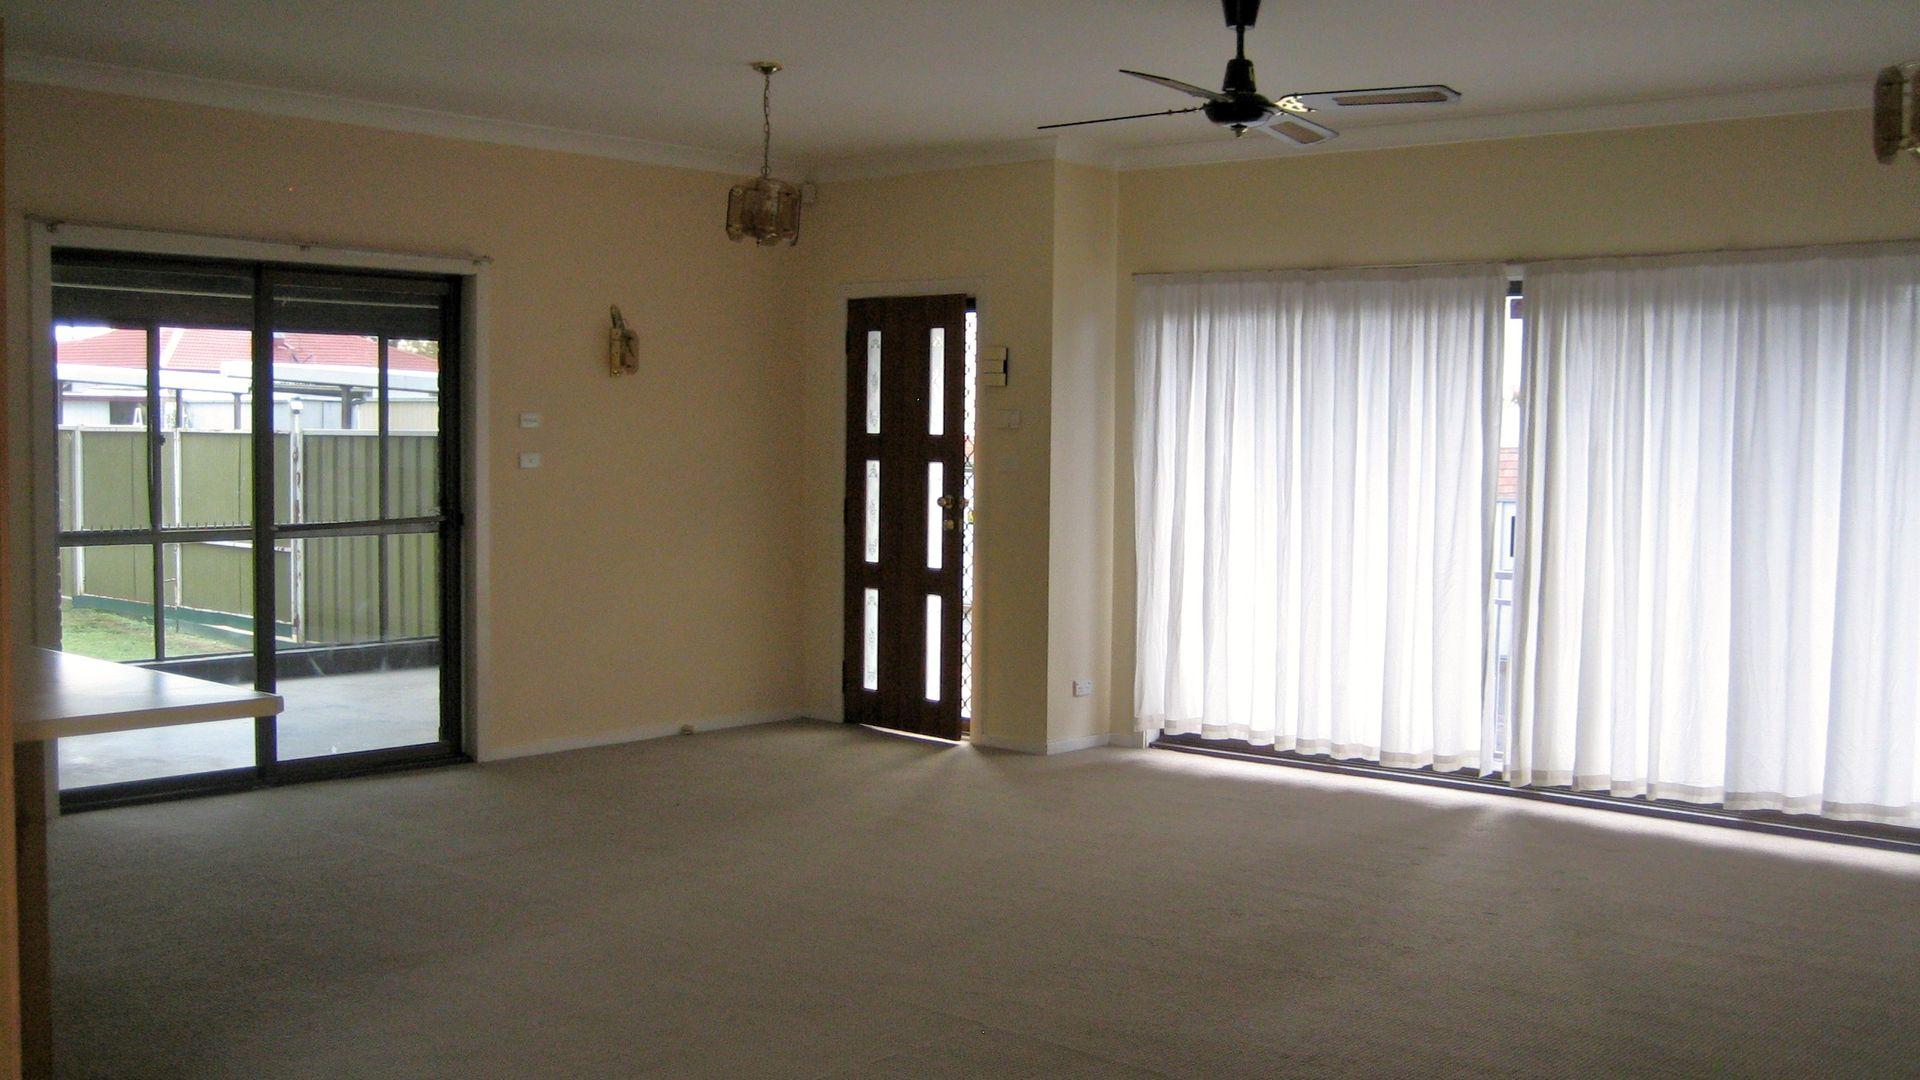 Coonabarabran NSW 2357, Image 1